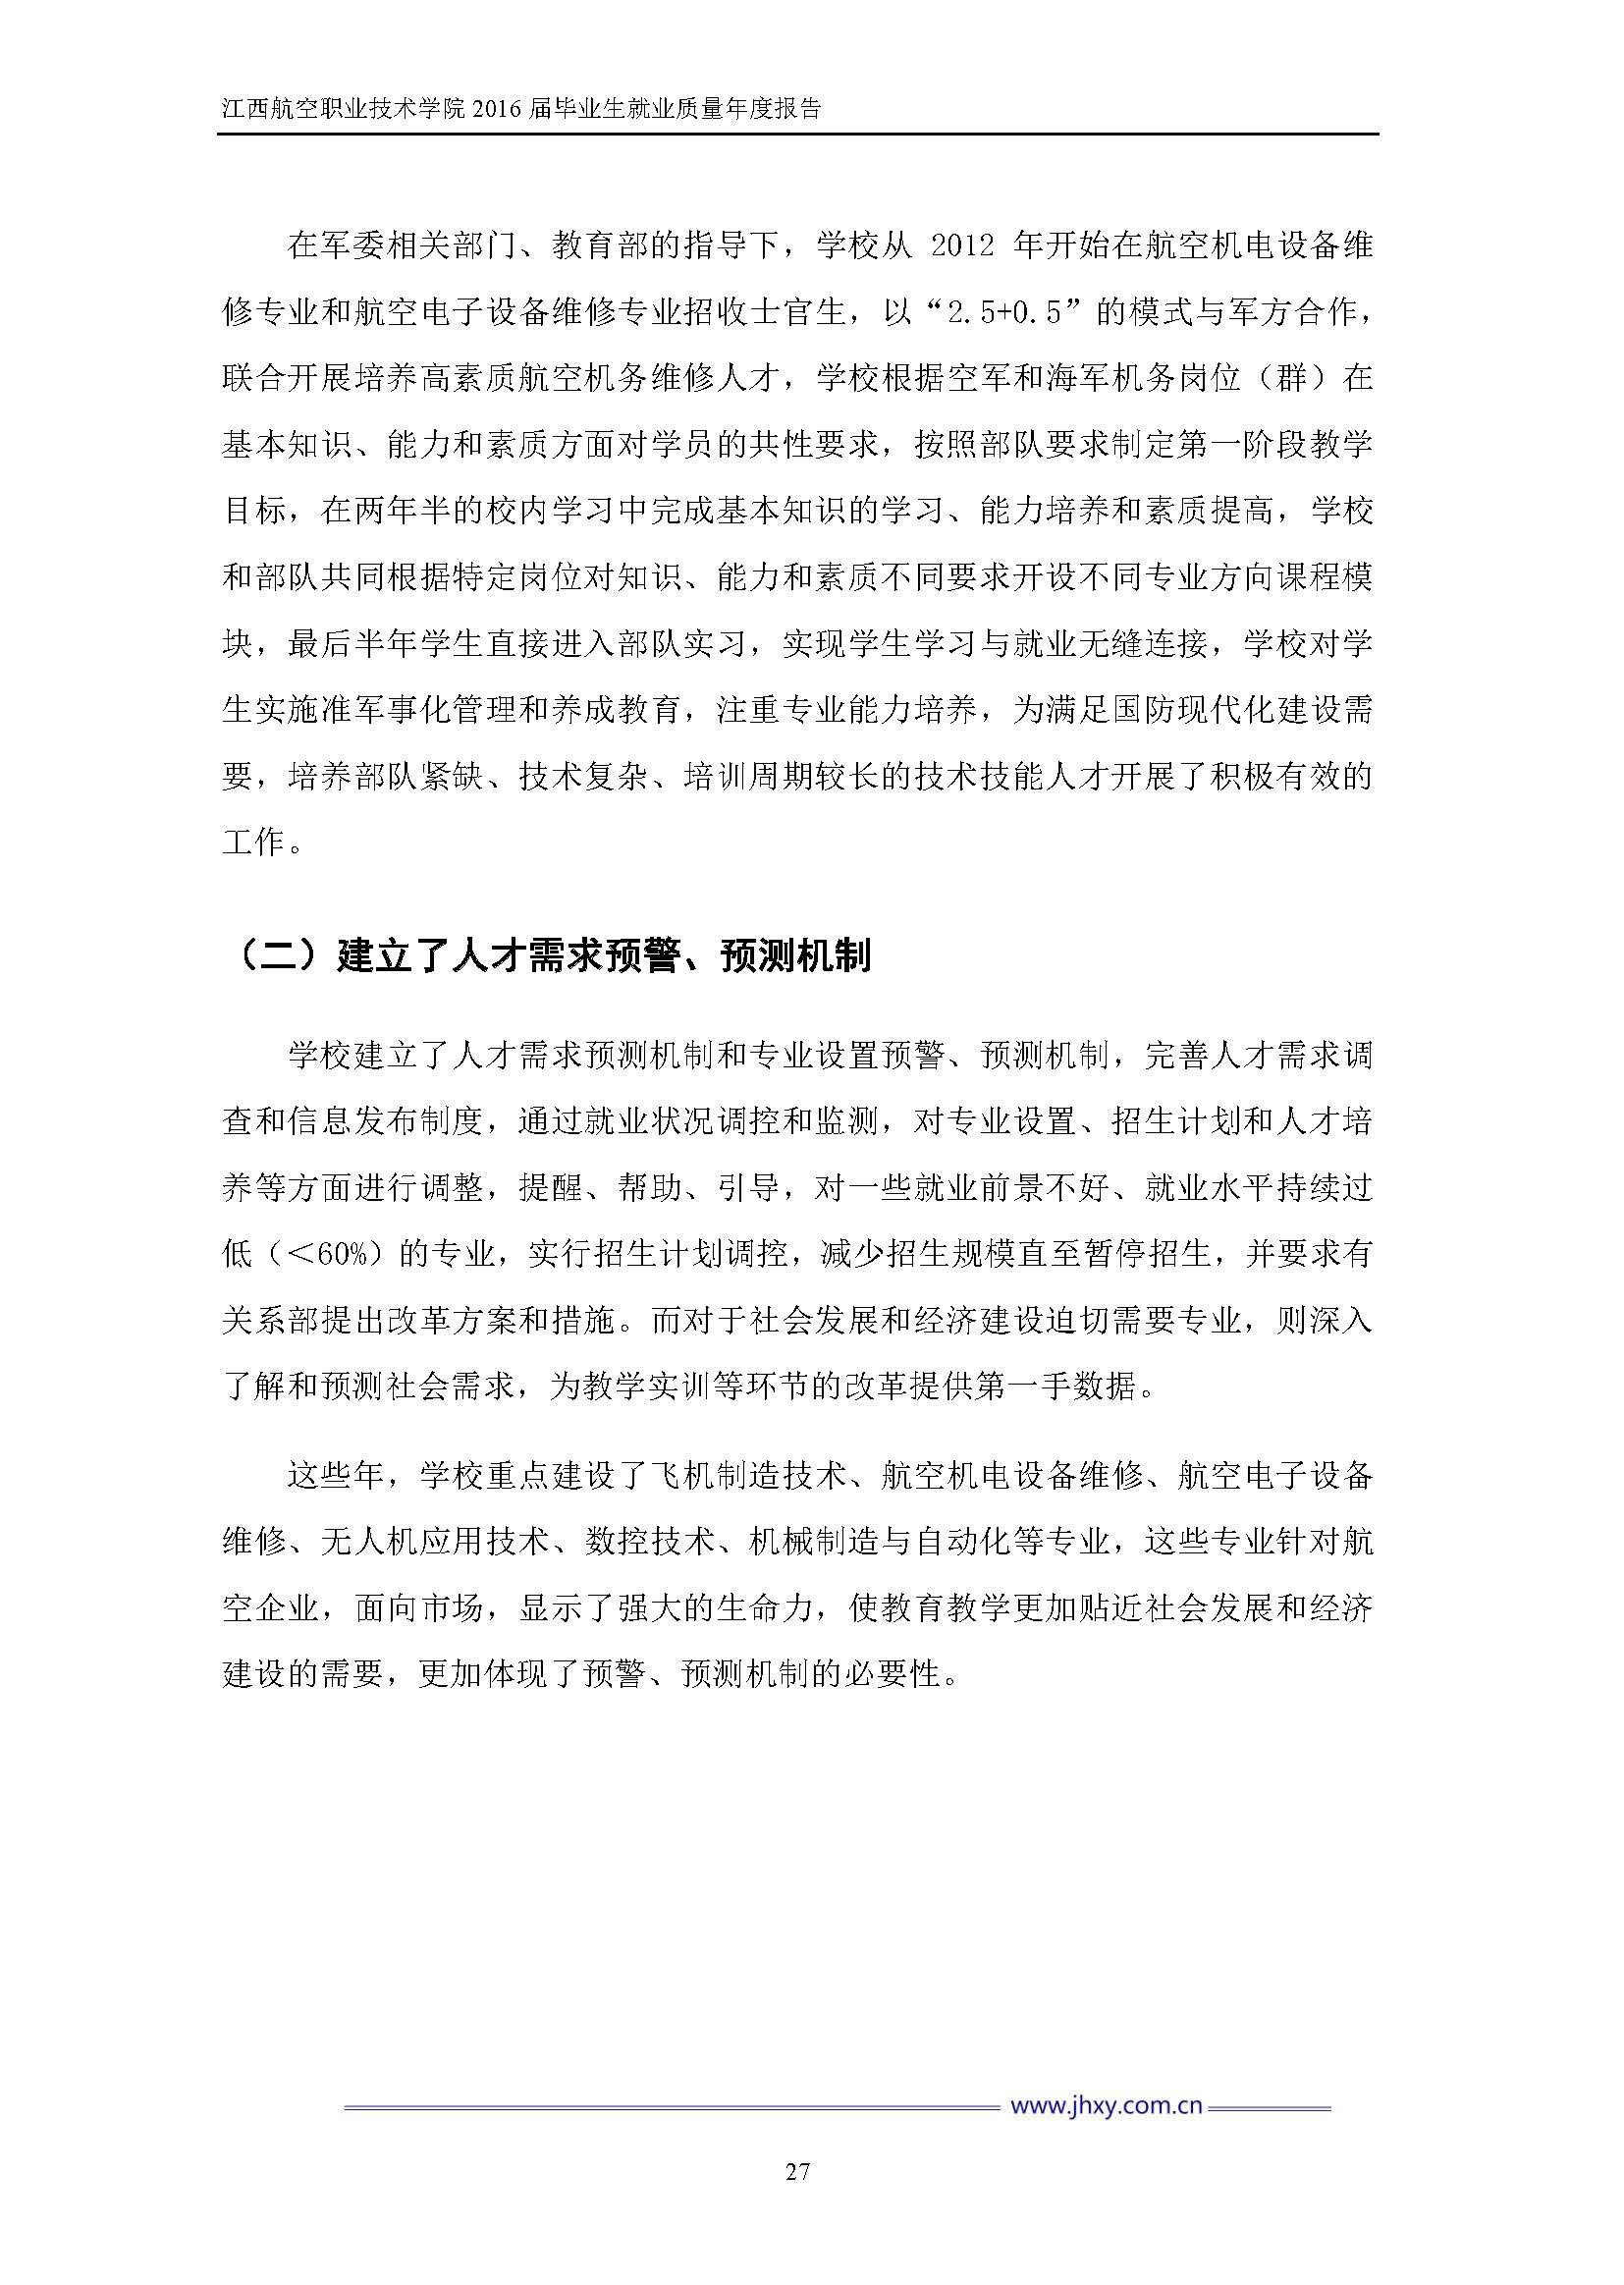 江西航空职业技术学院2016届毕业生就业质量年度报告_Page_34.jpg